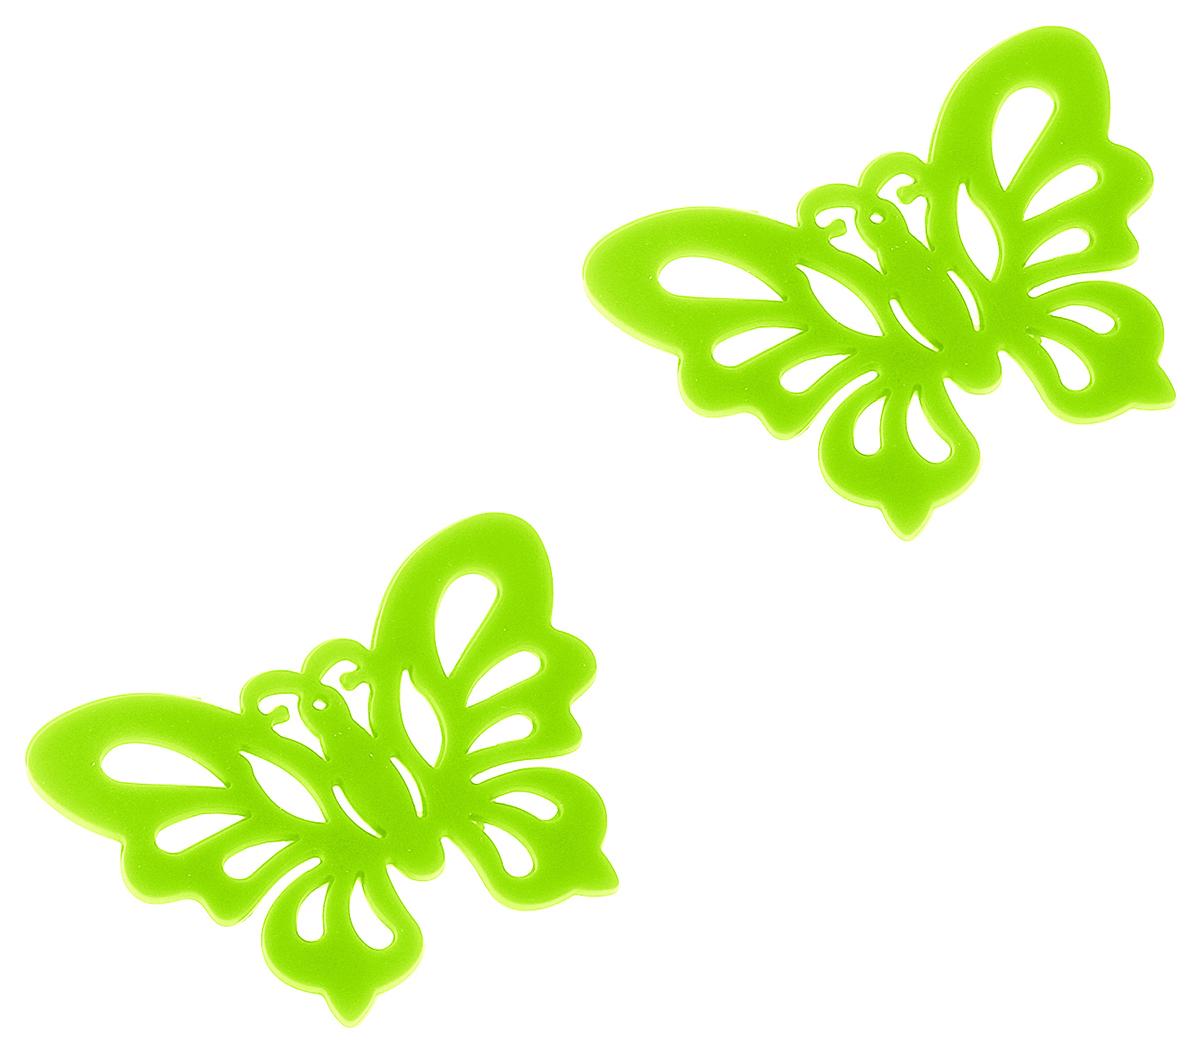 Набор подставок под горячее Доляна Бабочка, цвет: салатовый, фиолетовый, 2 шт148200Набор Доляна Бабочка состоит из 2 силиконовых подставок под горячее, выполненных в форме бабочек. Силиконовая подставка под горячее - практичный предмет, который обязательно пригодится в хозяйстве. Изделие поможет сберечь столы, тумбы, скатерти и клеенки от повреждения нагретыми сковородами, кастрюлями, чайниками и тарелками.